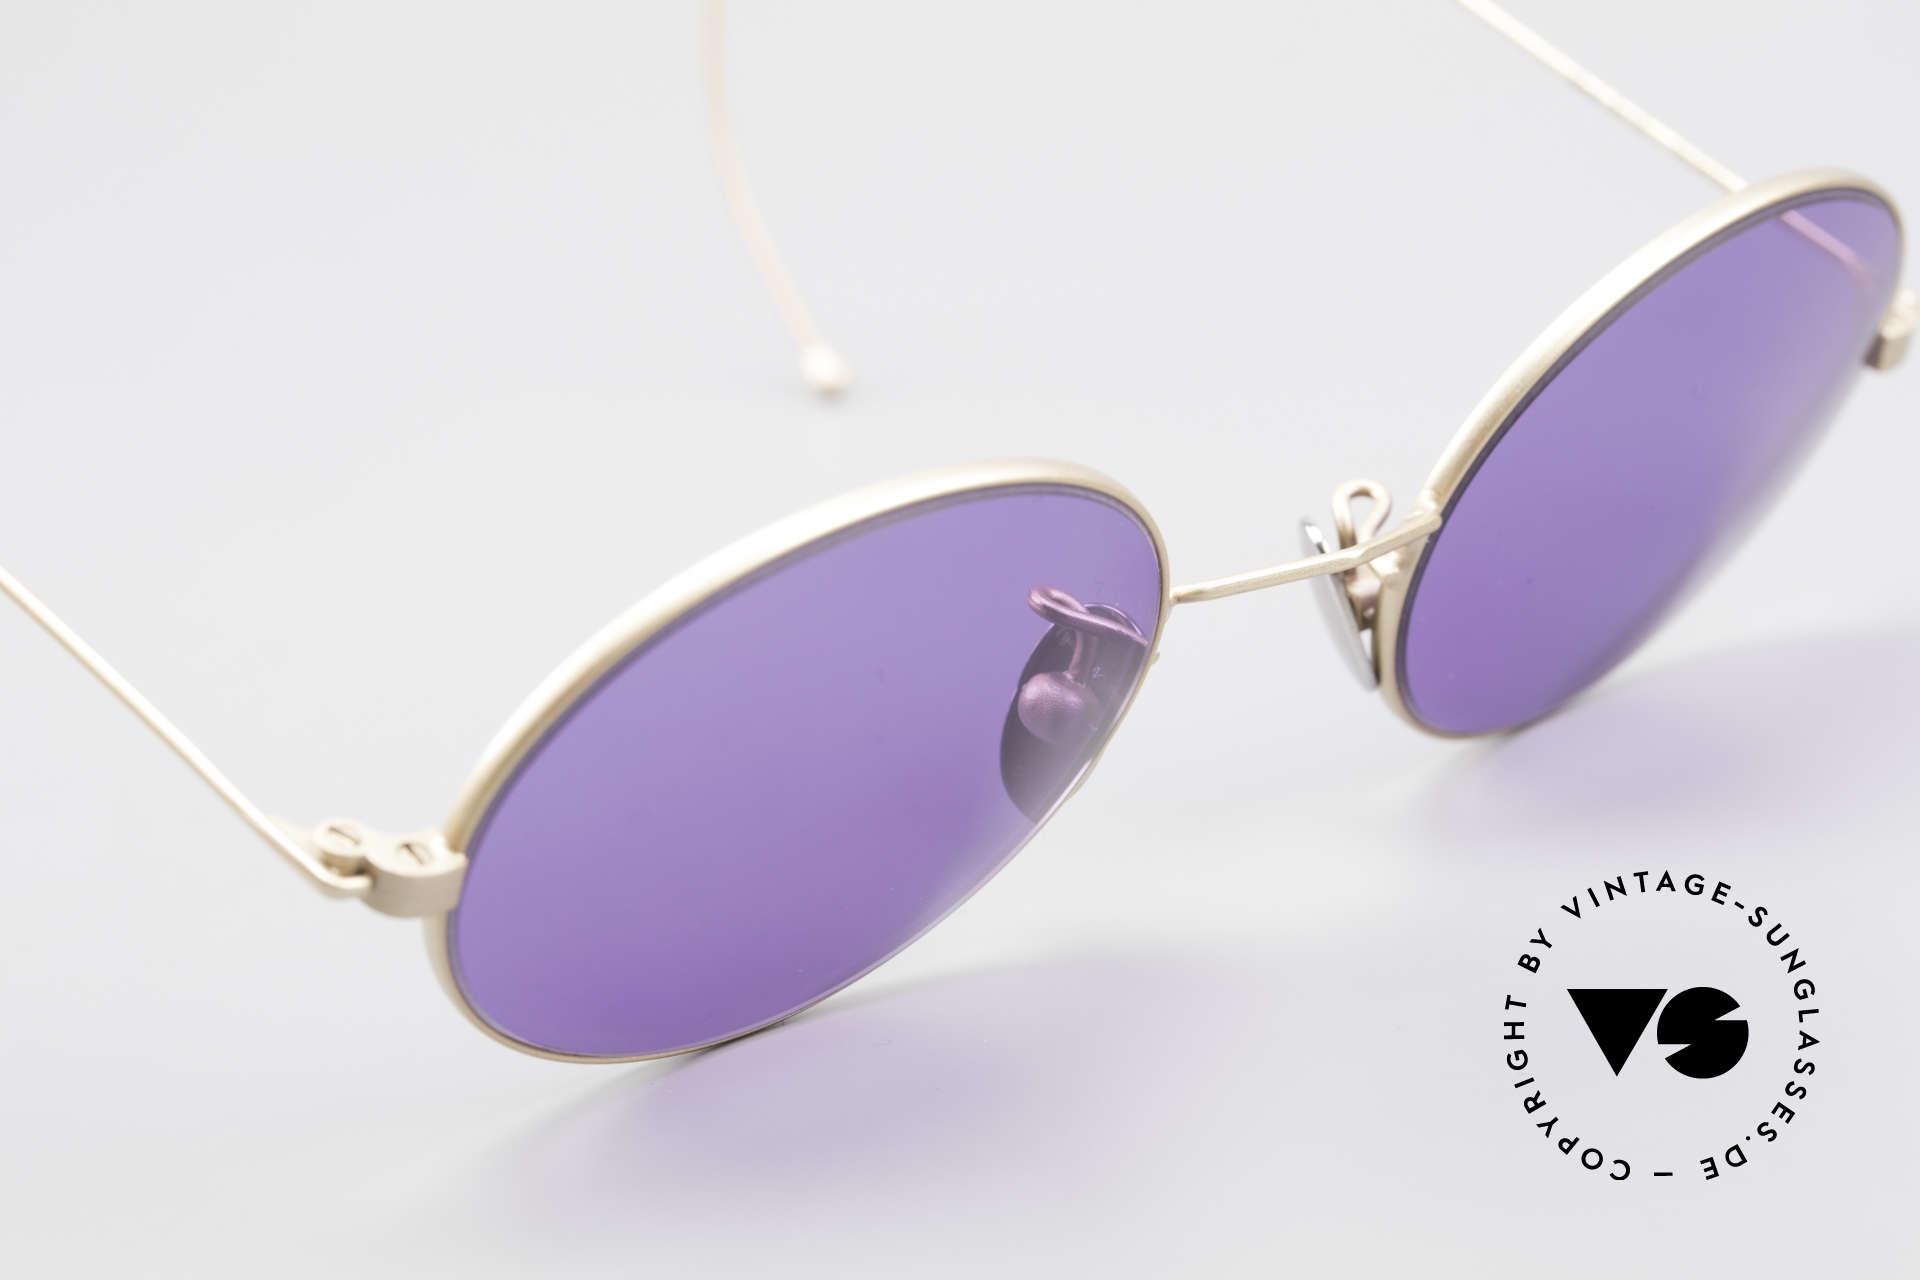 Cutler And Gross 0410 Ovale Sportbügel Sonnenbrille, Größe: small, Passend für Herren und Damen